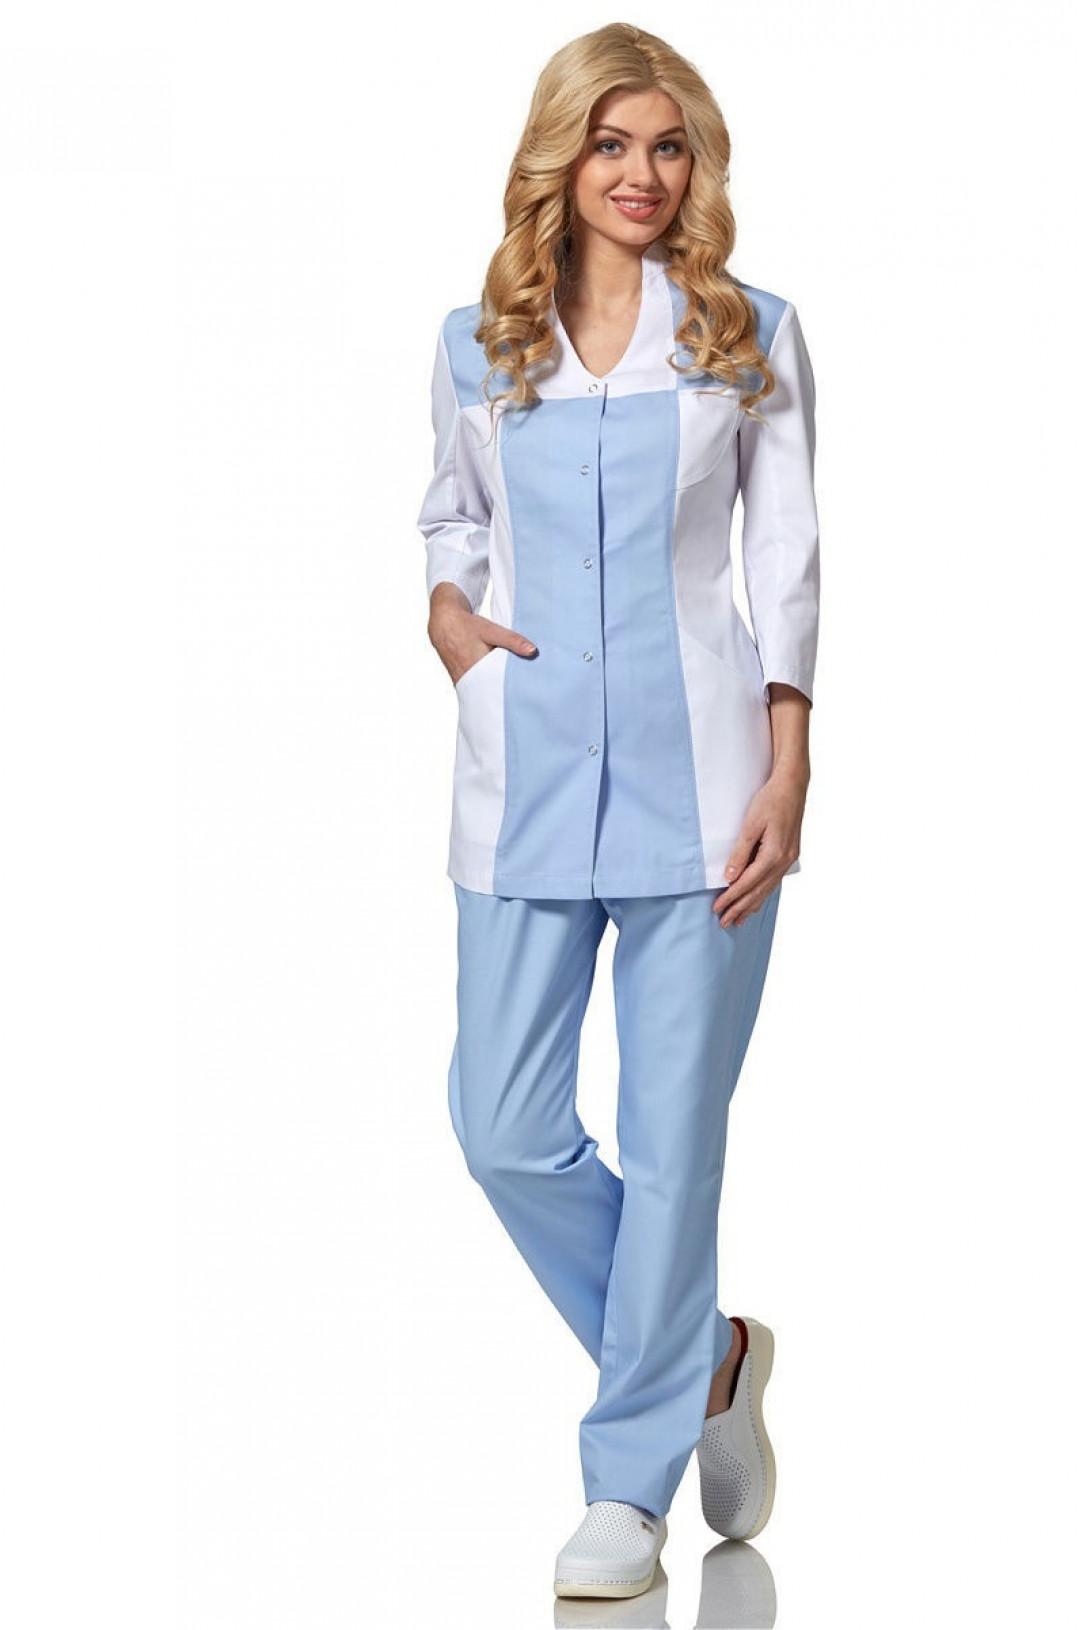 Блузка медицинская женская LL 2102 (голубой/белый, тередо)